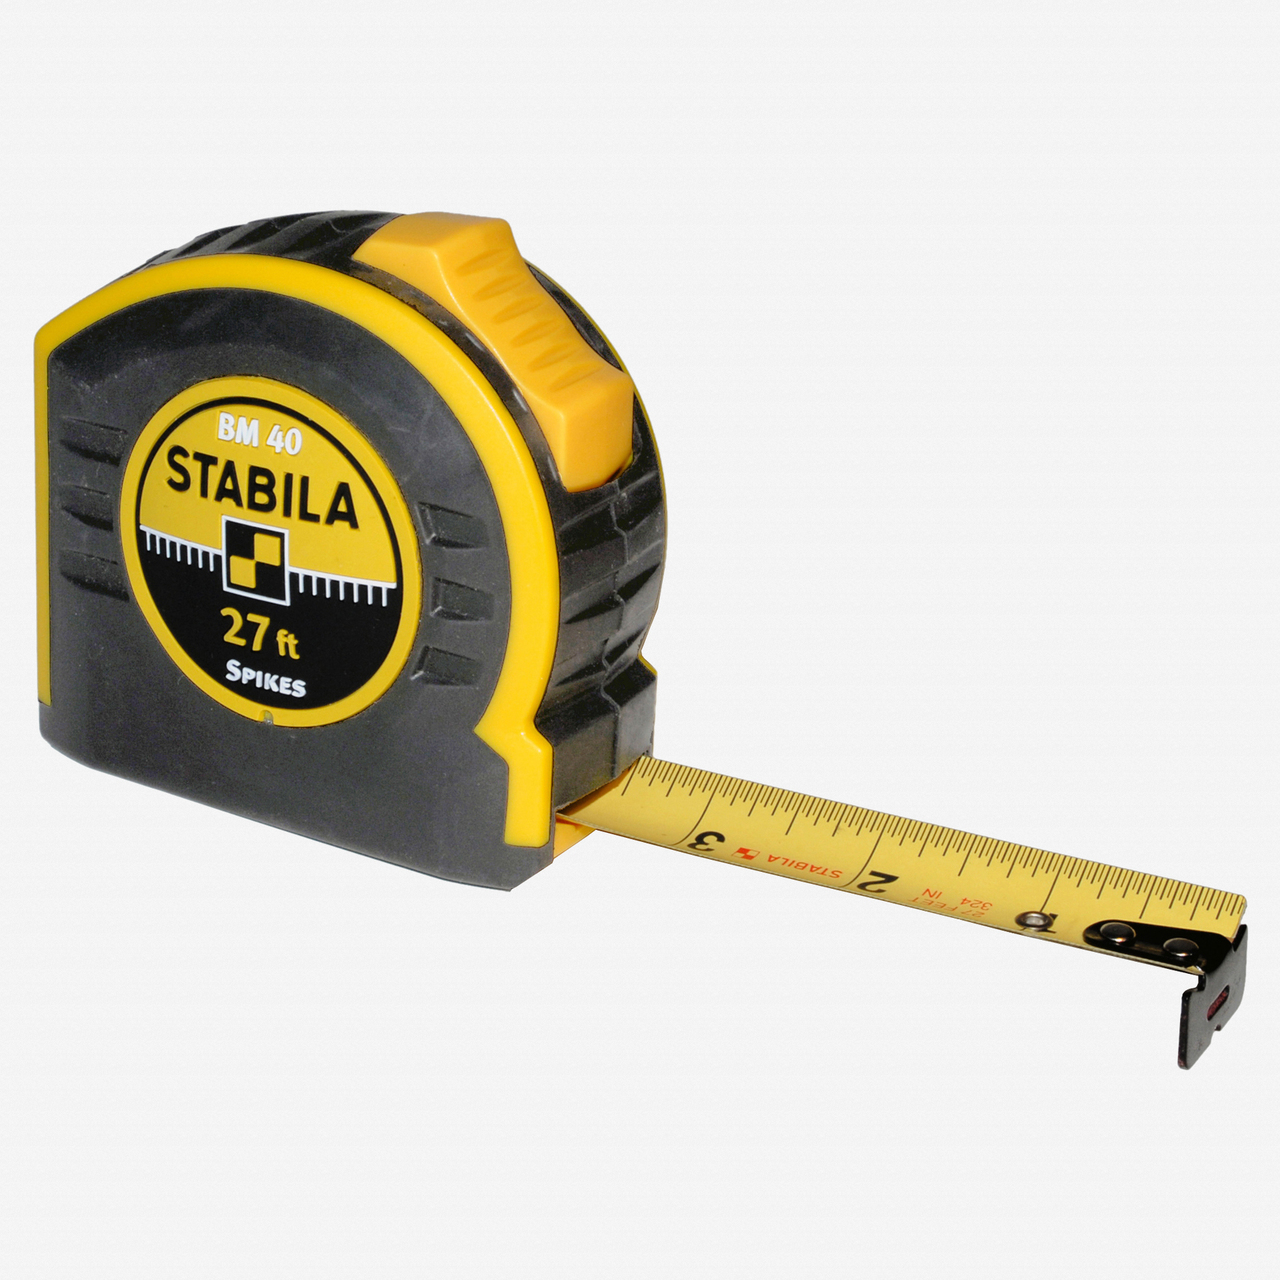 Stabila 30427 Type BM40 Tape Measure, 8m/27' - KC Tool